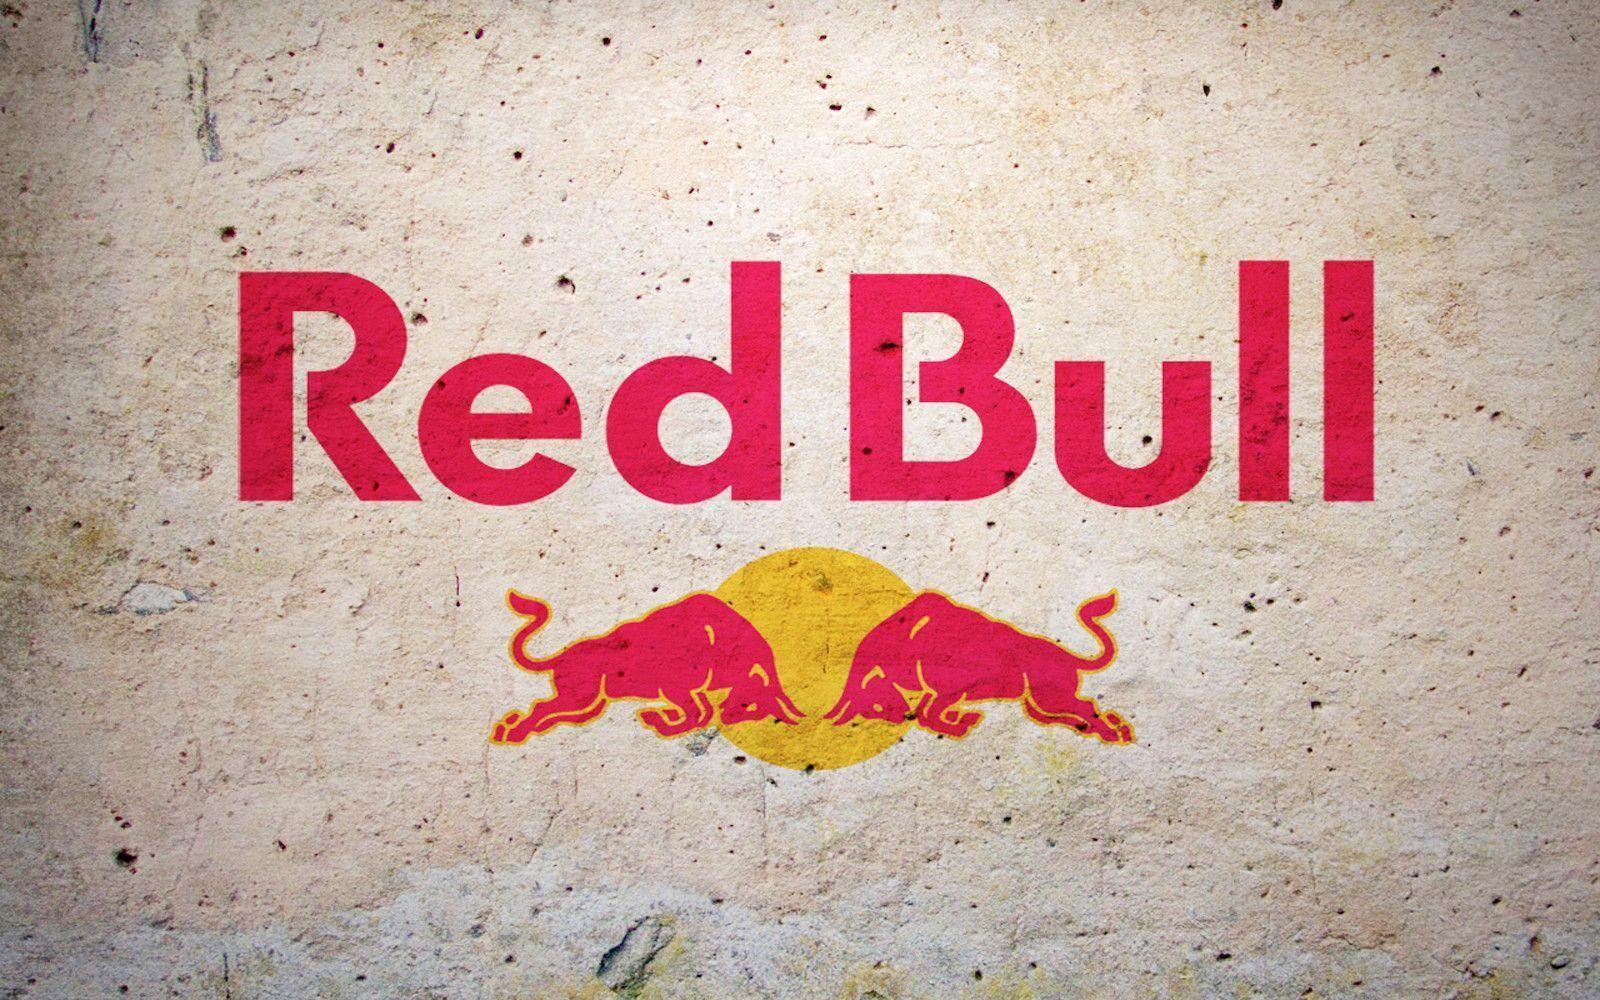 red bull logo wallpaper desktop - photo #19